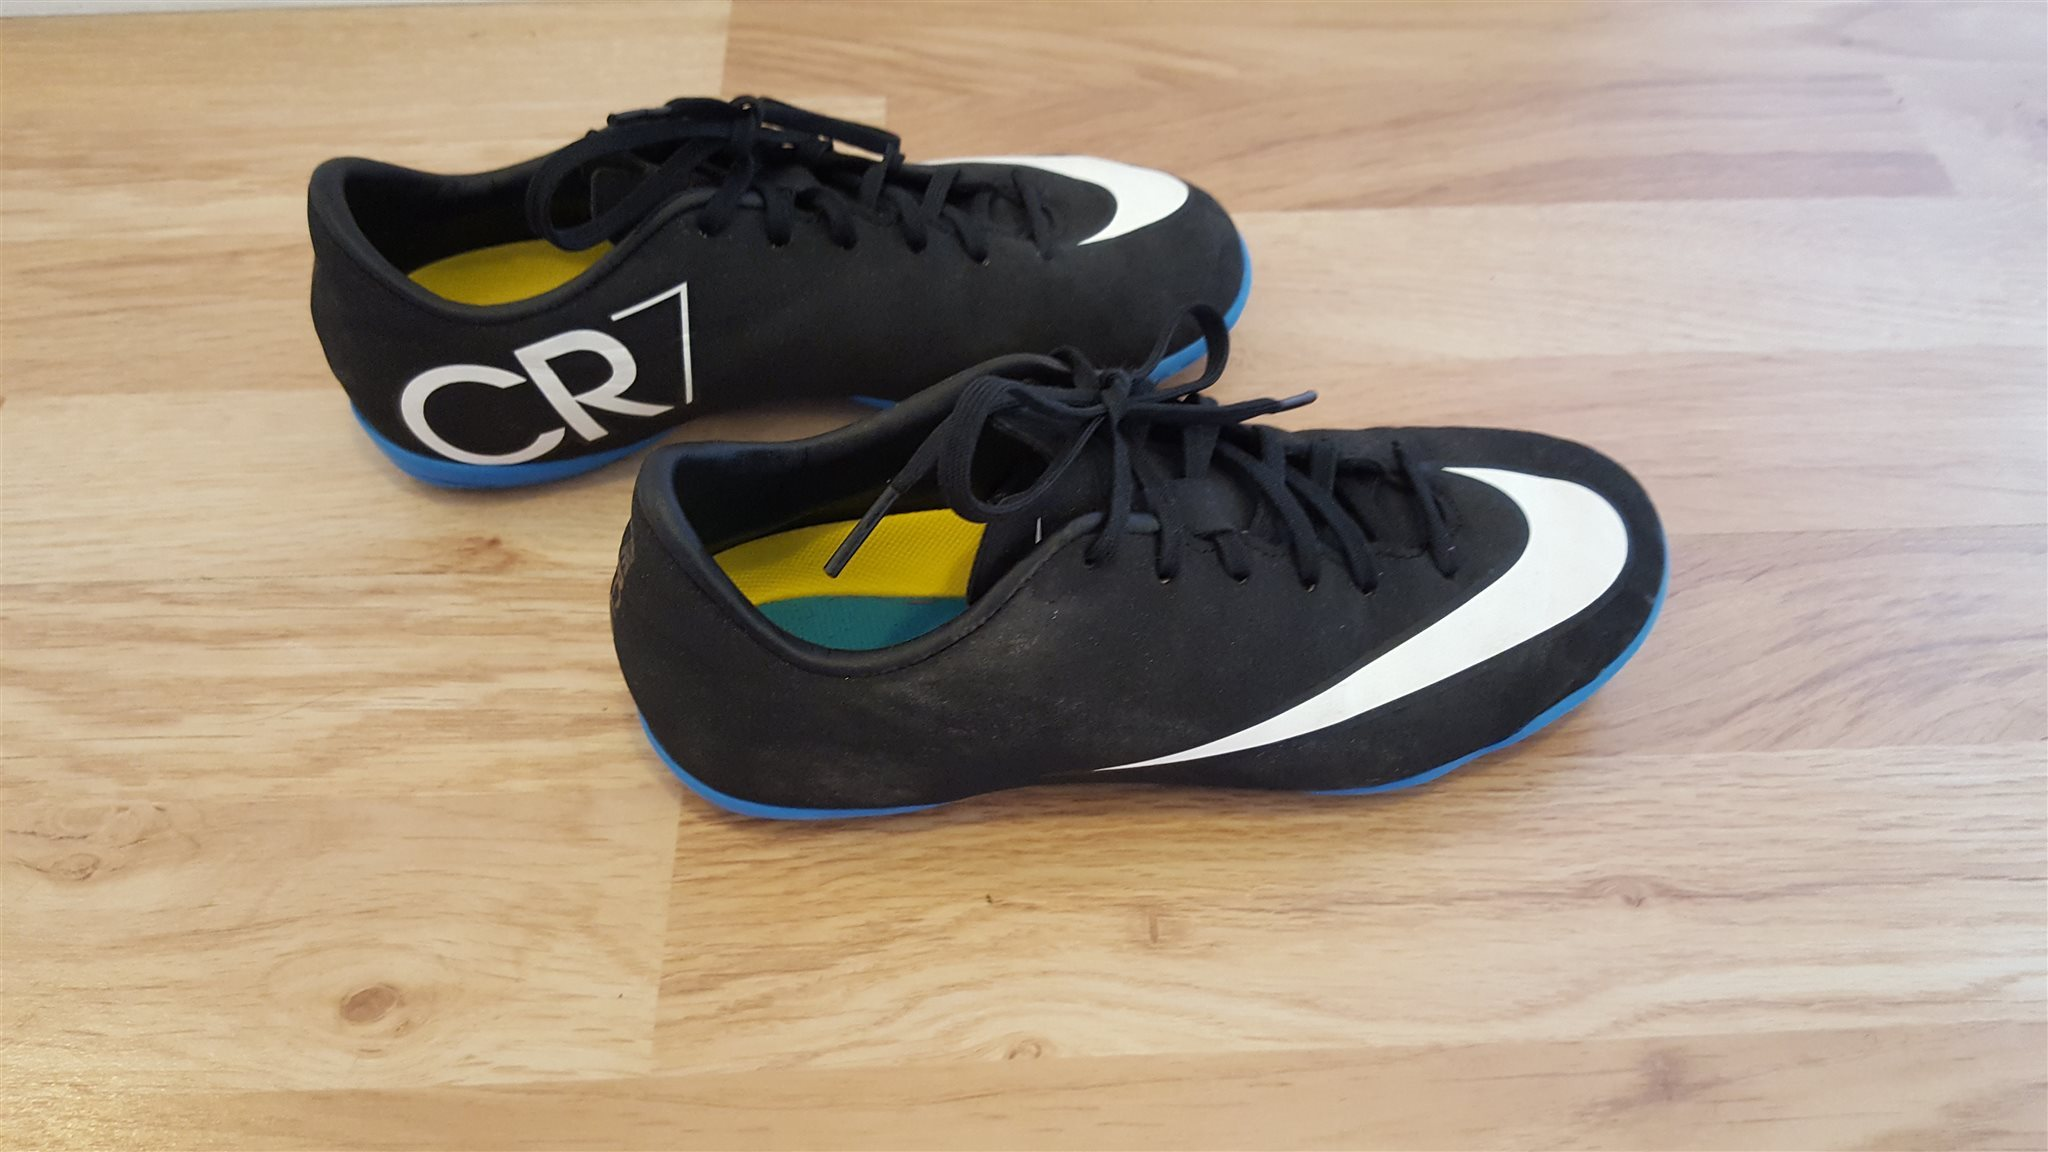 quality design 2933f 534dd 23 Cm 318099414 Stl Nike Fotbollsskor Ca Cr7 36 Ronaldo Y0Zq8wa